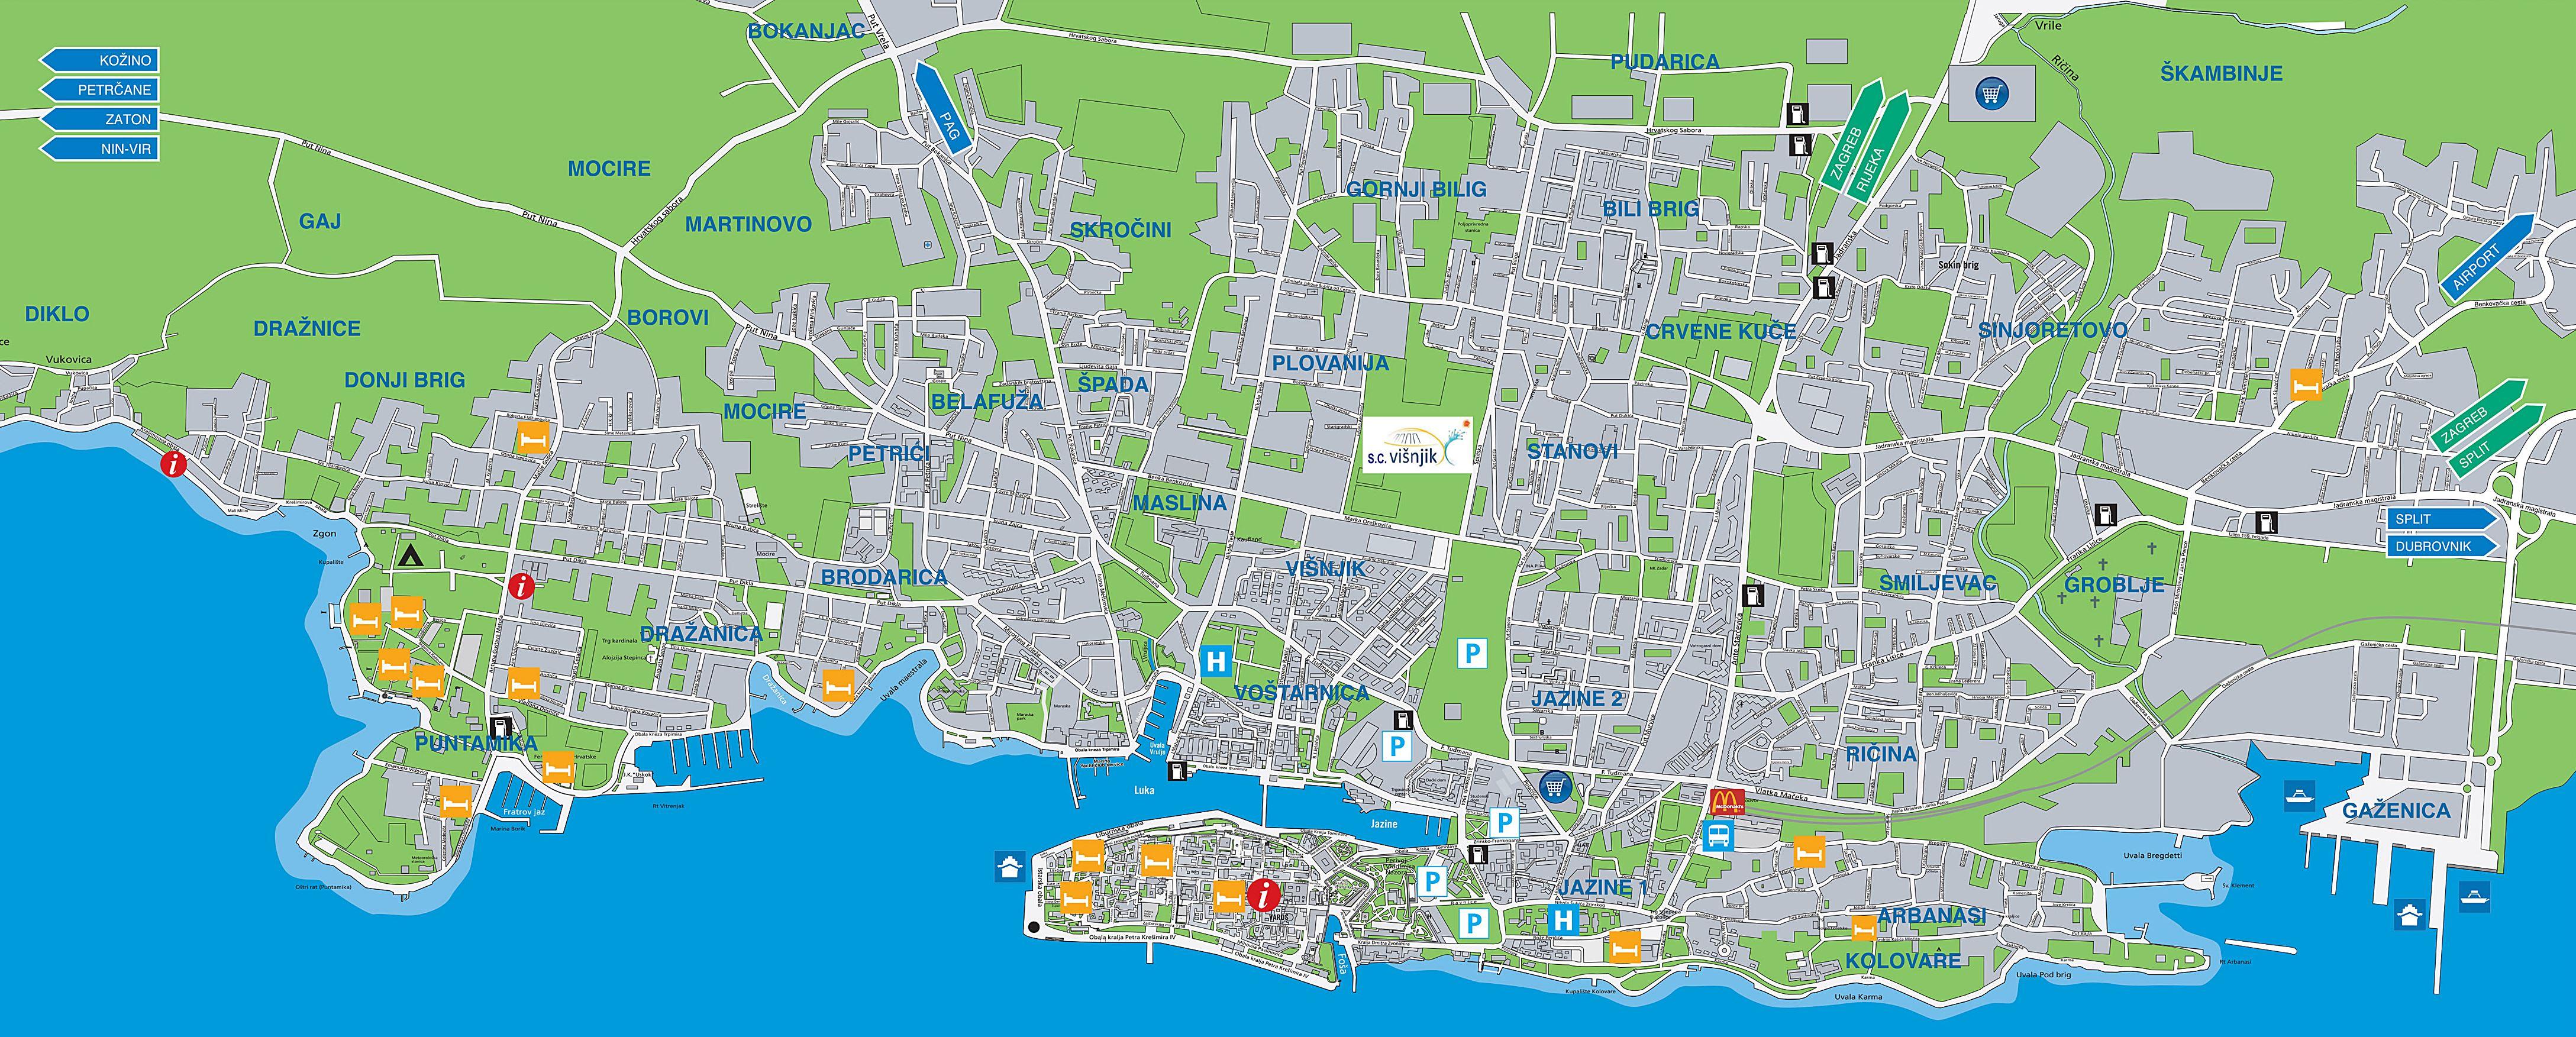 zadar kroatien karte Stadtplan von Zadar | Detaillierte gedruckte Karten von Zadar  zadar kroatien karte